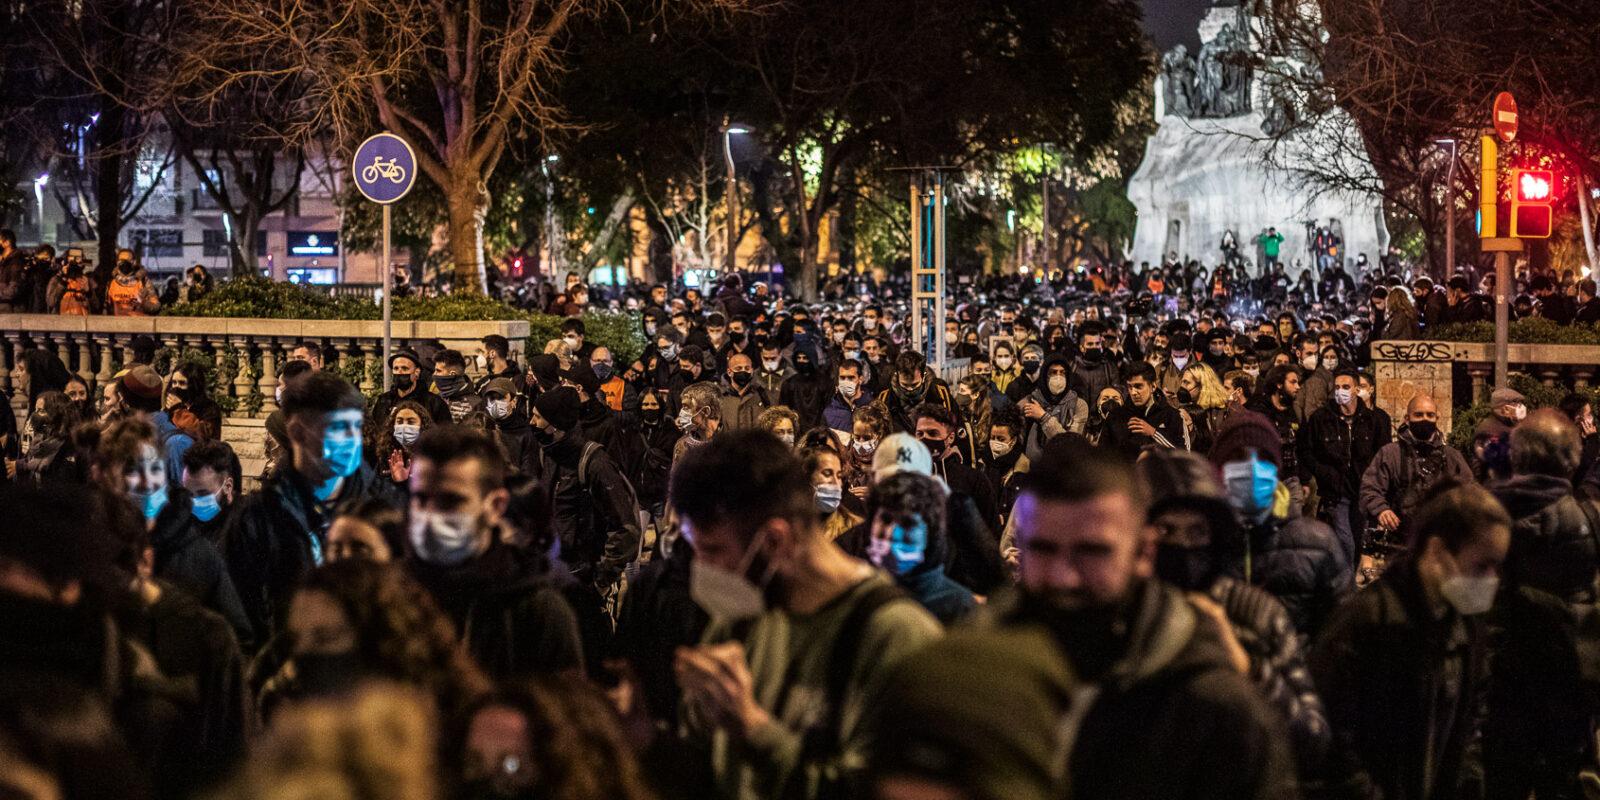 Imatge d'arxiu d'una manifestació a Barcelona contra l'empresonament de Hasél | Jordi Borràs